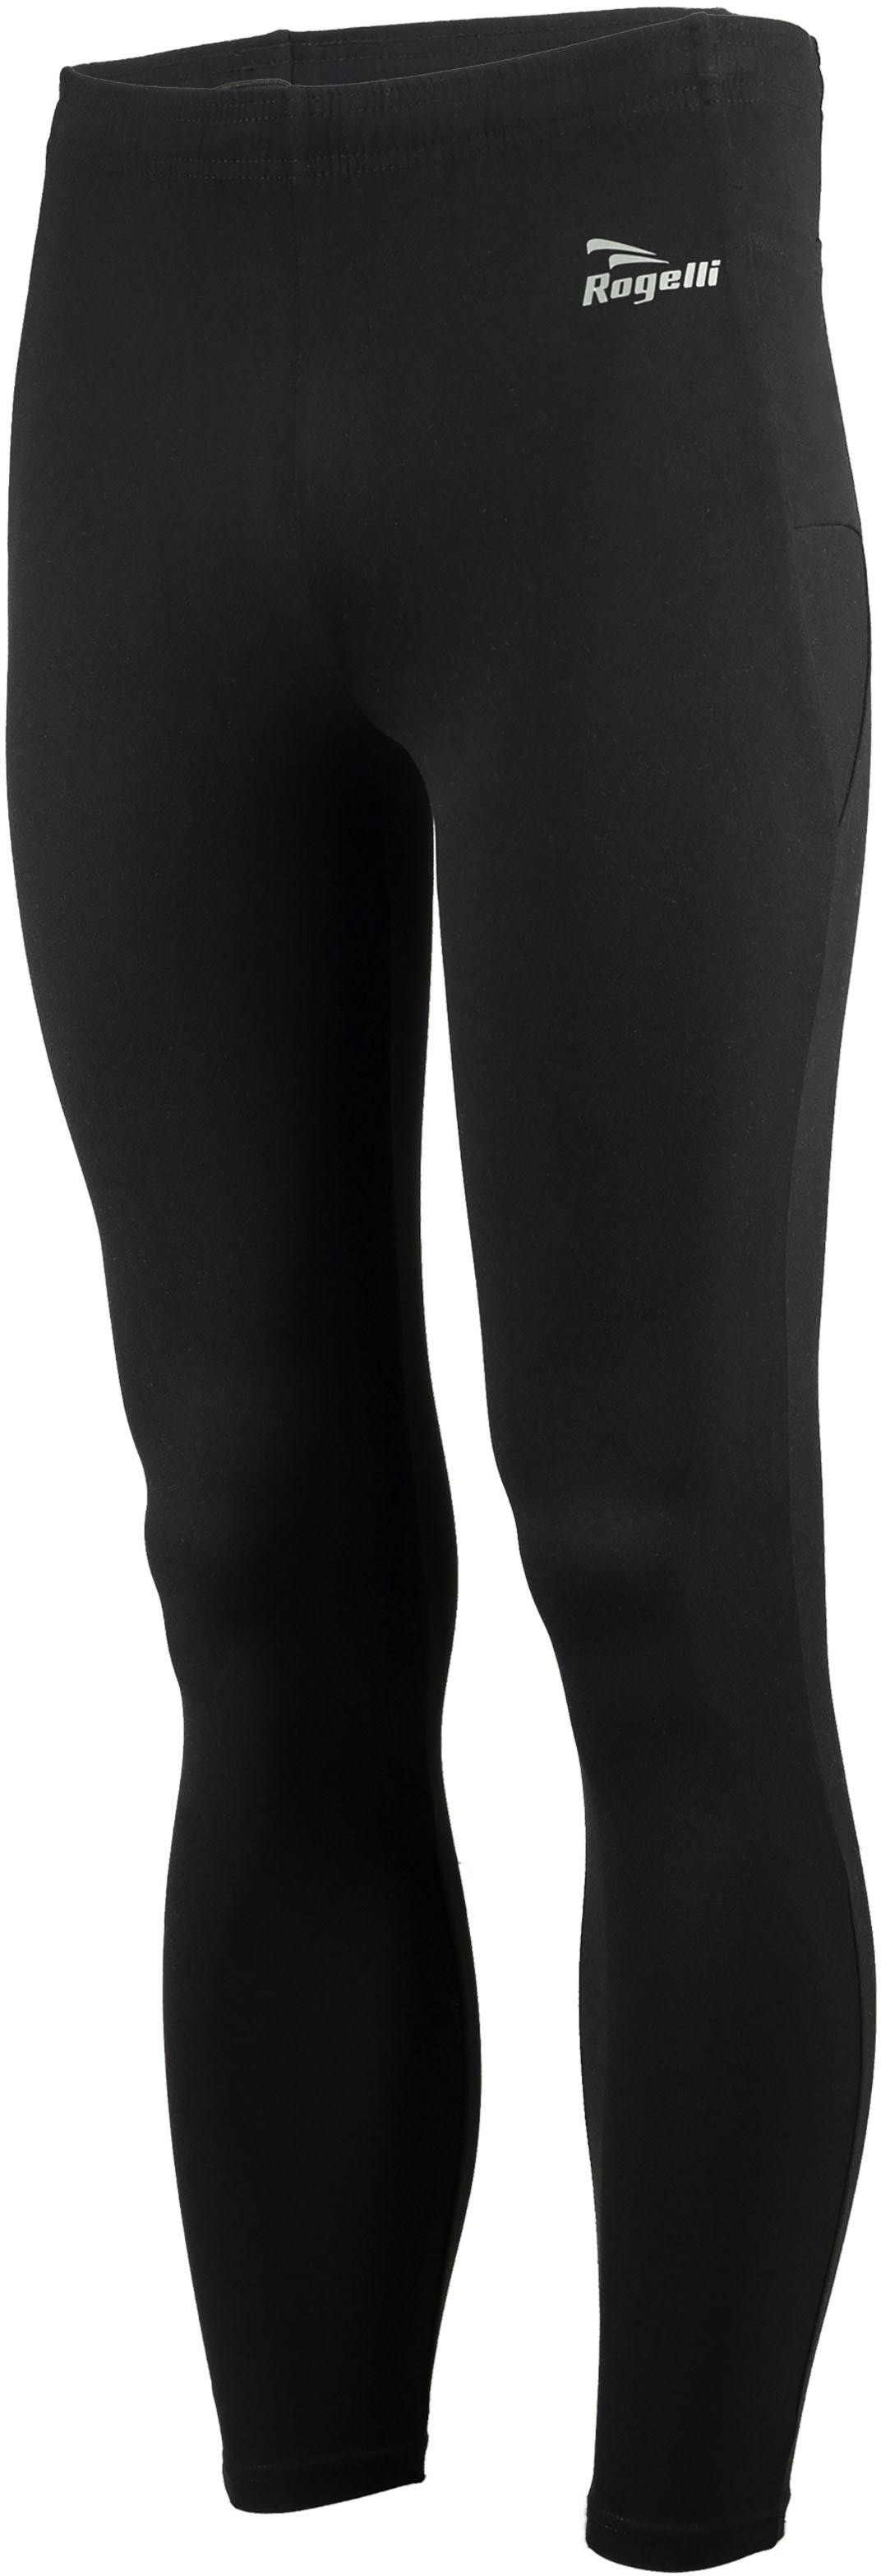 Rogelli 800.002 TRAIL TIGHT męskie spodnie biegowe czarne